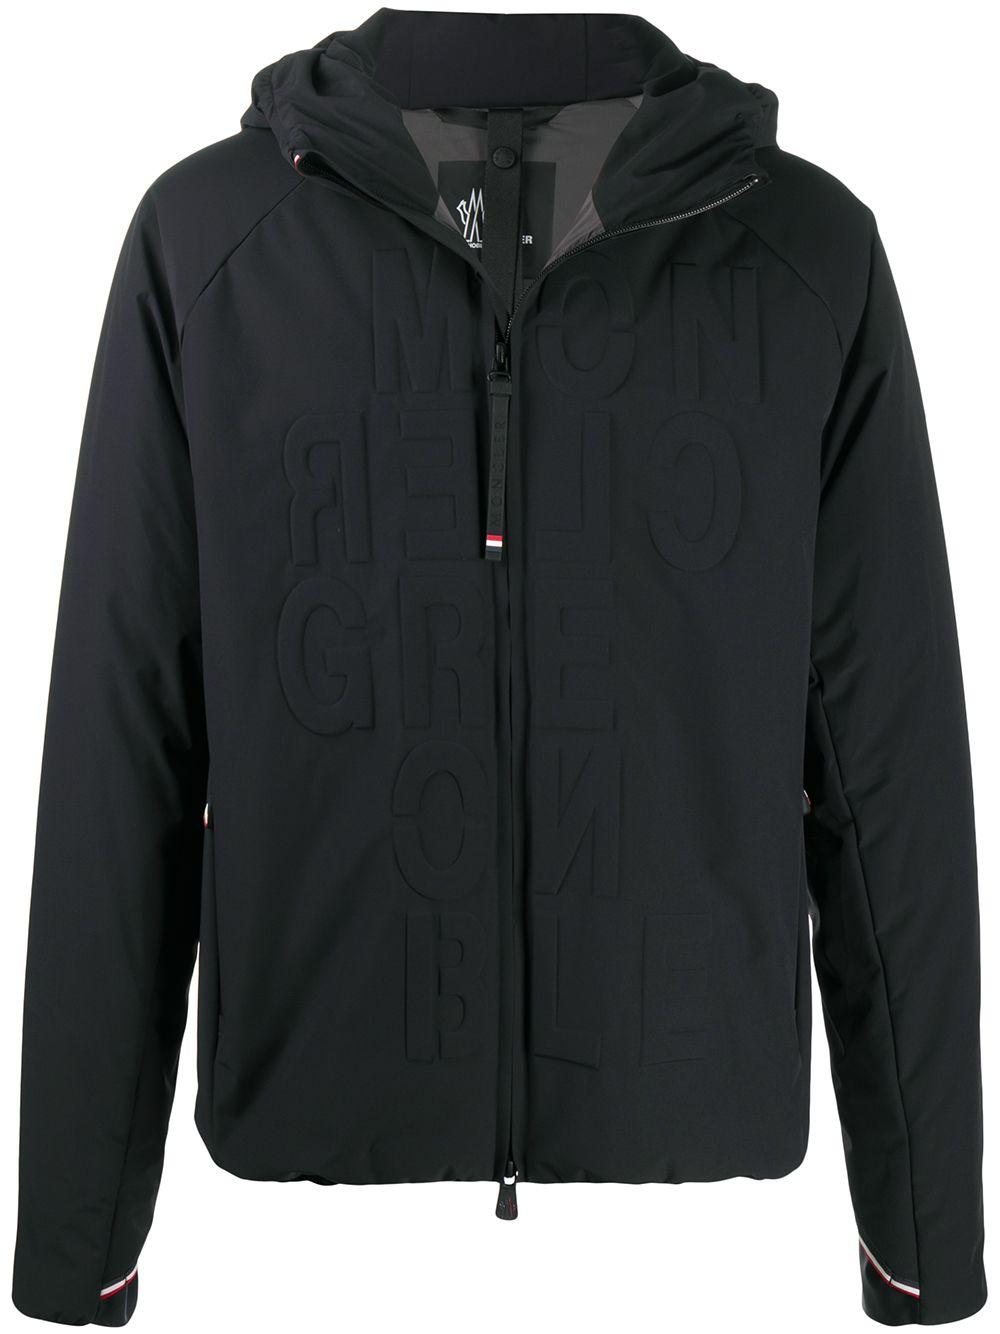 Moncler Grenoble zip jacket - Schwarz